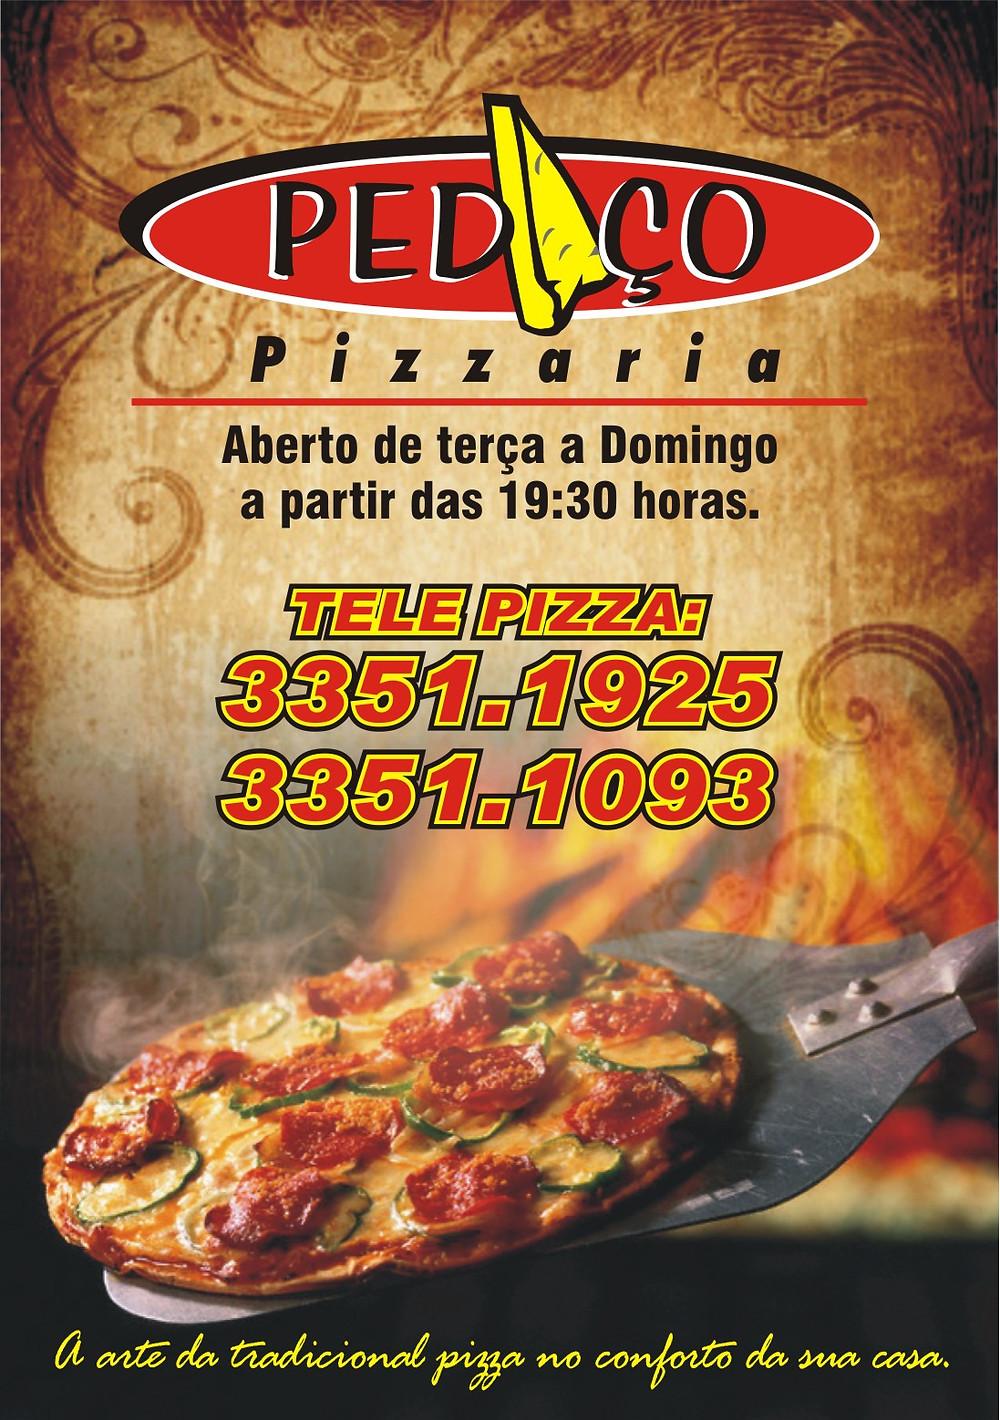 Panfleto pizzaria com a logo destacada